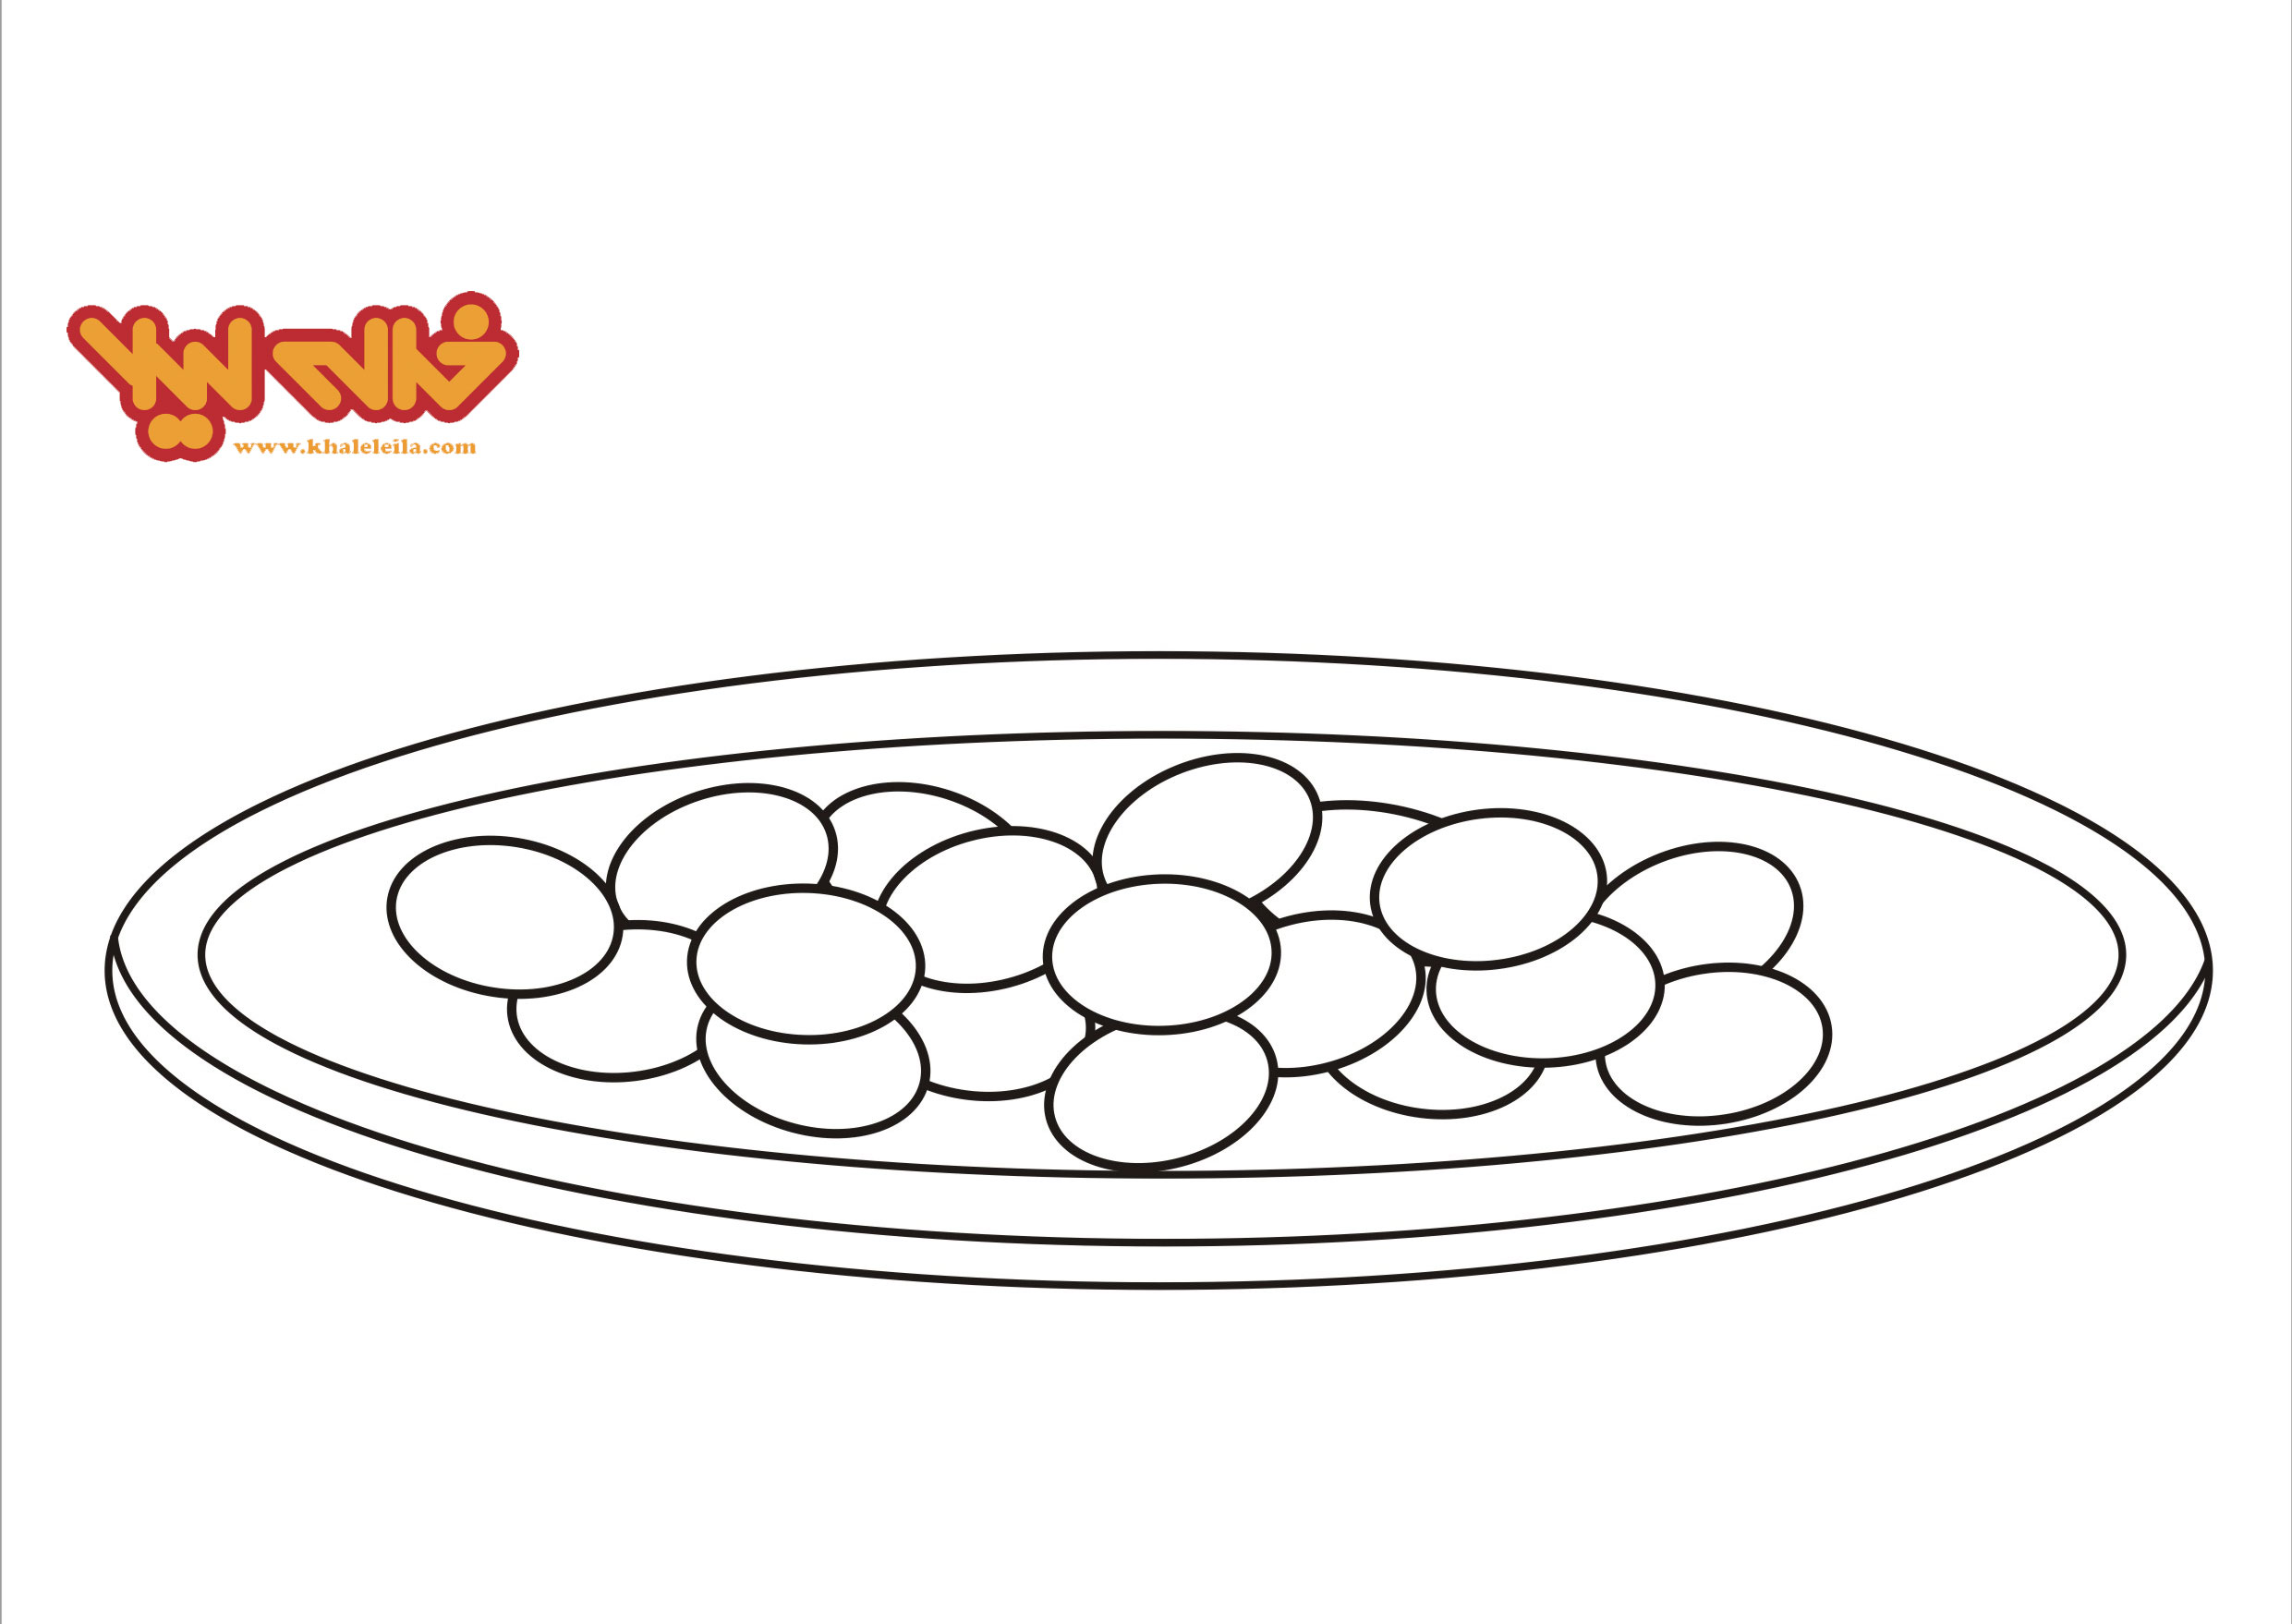 آموزش, آموزش کشیدن نقاشی به کودکان, سایت اسکیمو, سایت سرگرمی, سفره هفت سین, عکس از نقاشی های کودکانه سفره هفت سین, عکس تنگ ماهی قرمز برای رنگ آمیزی کودکان و بچه ها, عکس سکه, عکس سکه هفت سین, عکس سیب هفت سین, عکس های ساده و زیبا از نقاشی اجزای هفت سین برای رنگ آمیزی کودکان, کشیدن سفره هفت سین, مجله سرگرمی اسکیمو, نقاشی, نقاشی تنگ ماهی, نقاشی خانواده, نقاشی خانواده درکنارسفره هفت سین, نقاشی سنجد, نقاشی سیر سفره هفت سین, نقاشی کاسه سمنو سفره هفت سین, نقاشی کودکانه سفره هفت سین, نقاشی های بامزه رنگ آمیزی سفره هفت سین برای بچه ها با ذوق, نقاشی های زیبا و ساده از سفره هفت سین, نقاشی های زیبا و ساده از سفره هفت سین برای عید, نقاشی های کودکانه, نمونه های نقاشی سفره عید نورز برای بچه های مهدکودک, هفت, نقاشی